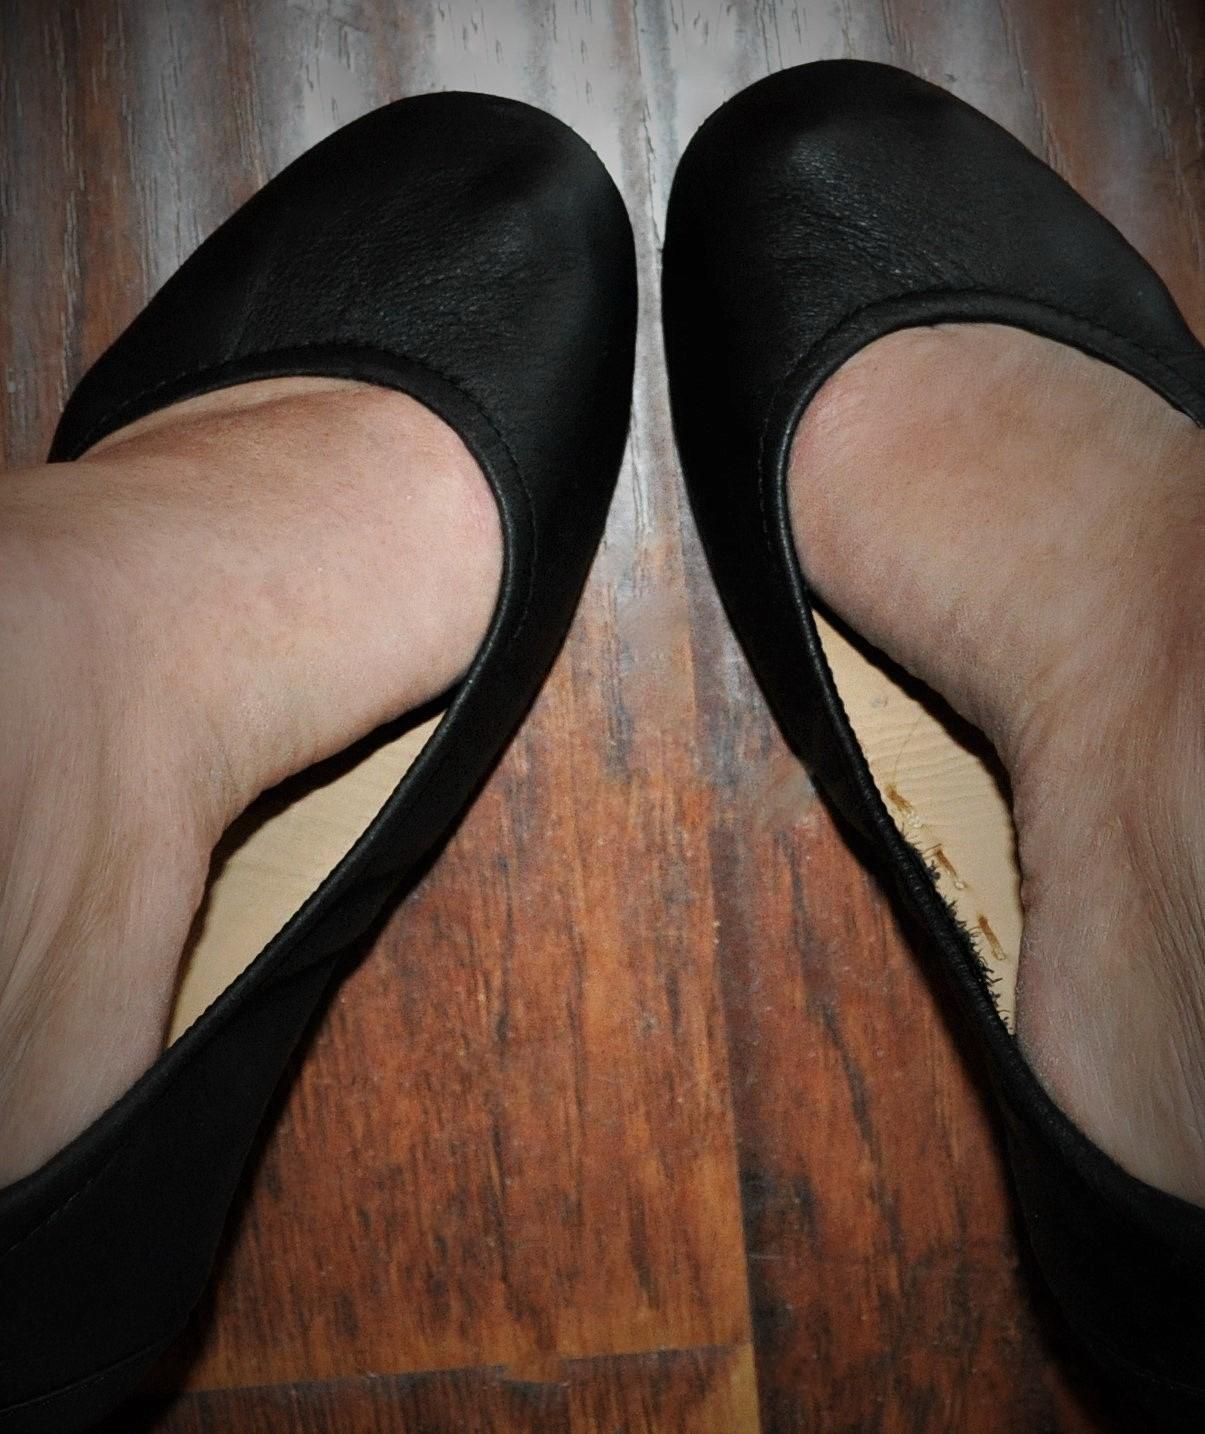 Tieks, Black Leather Tieks, Black Tieks